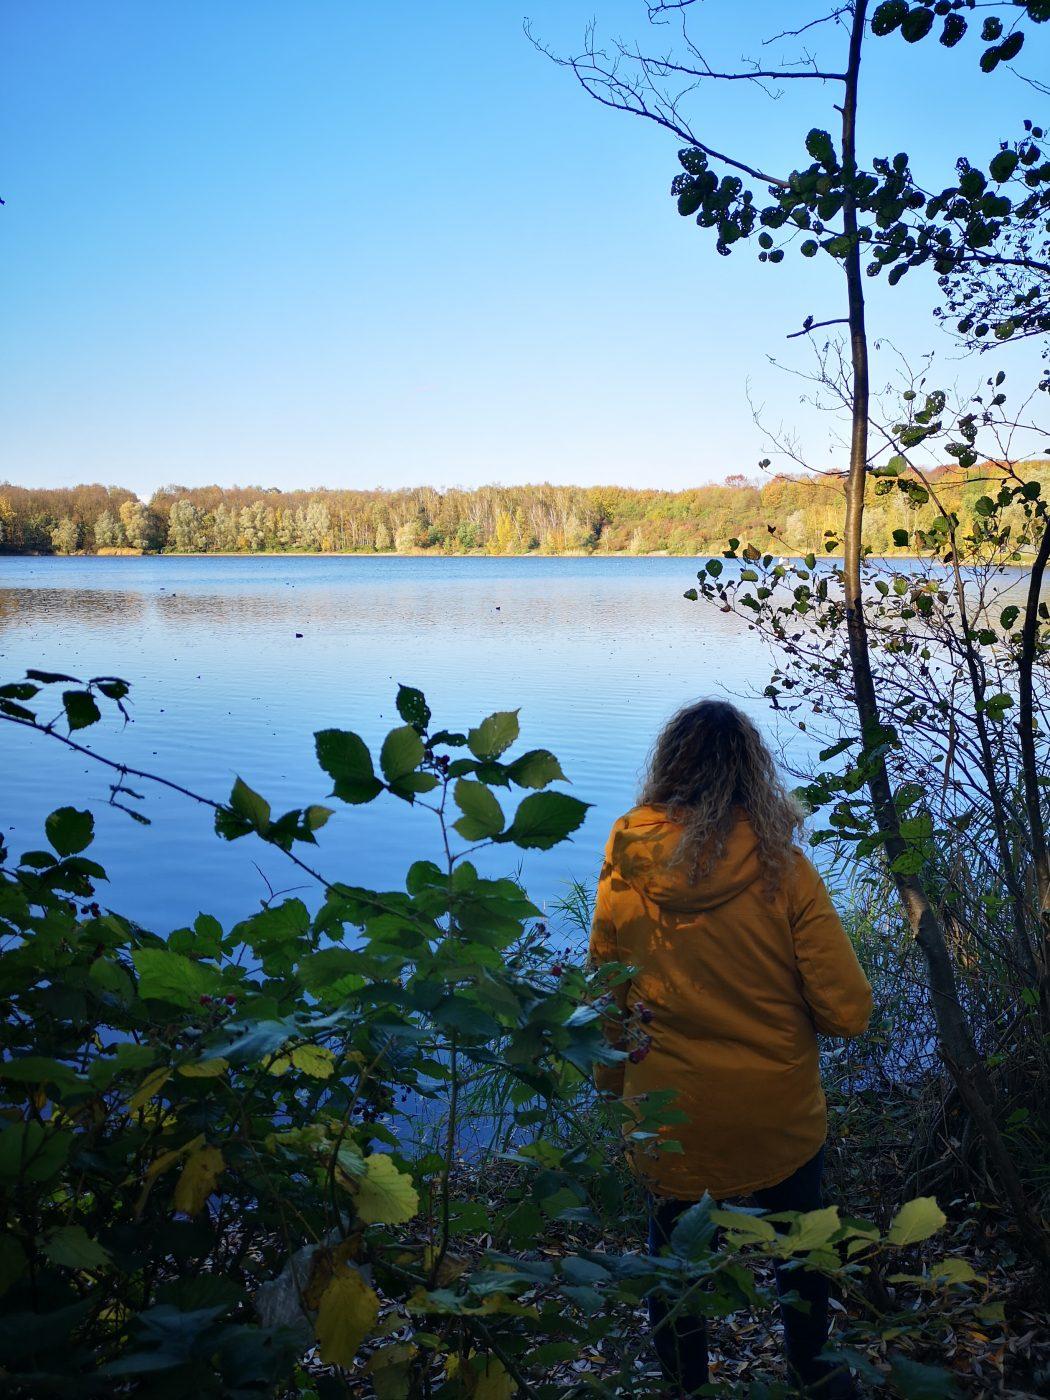 Das Bild zeigt eine Frau an einem See